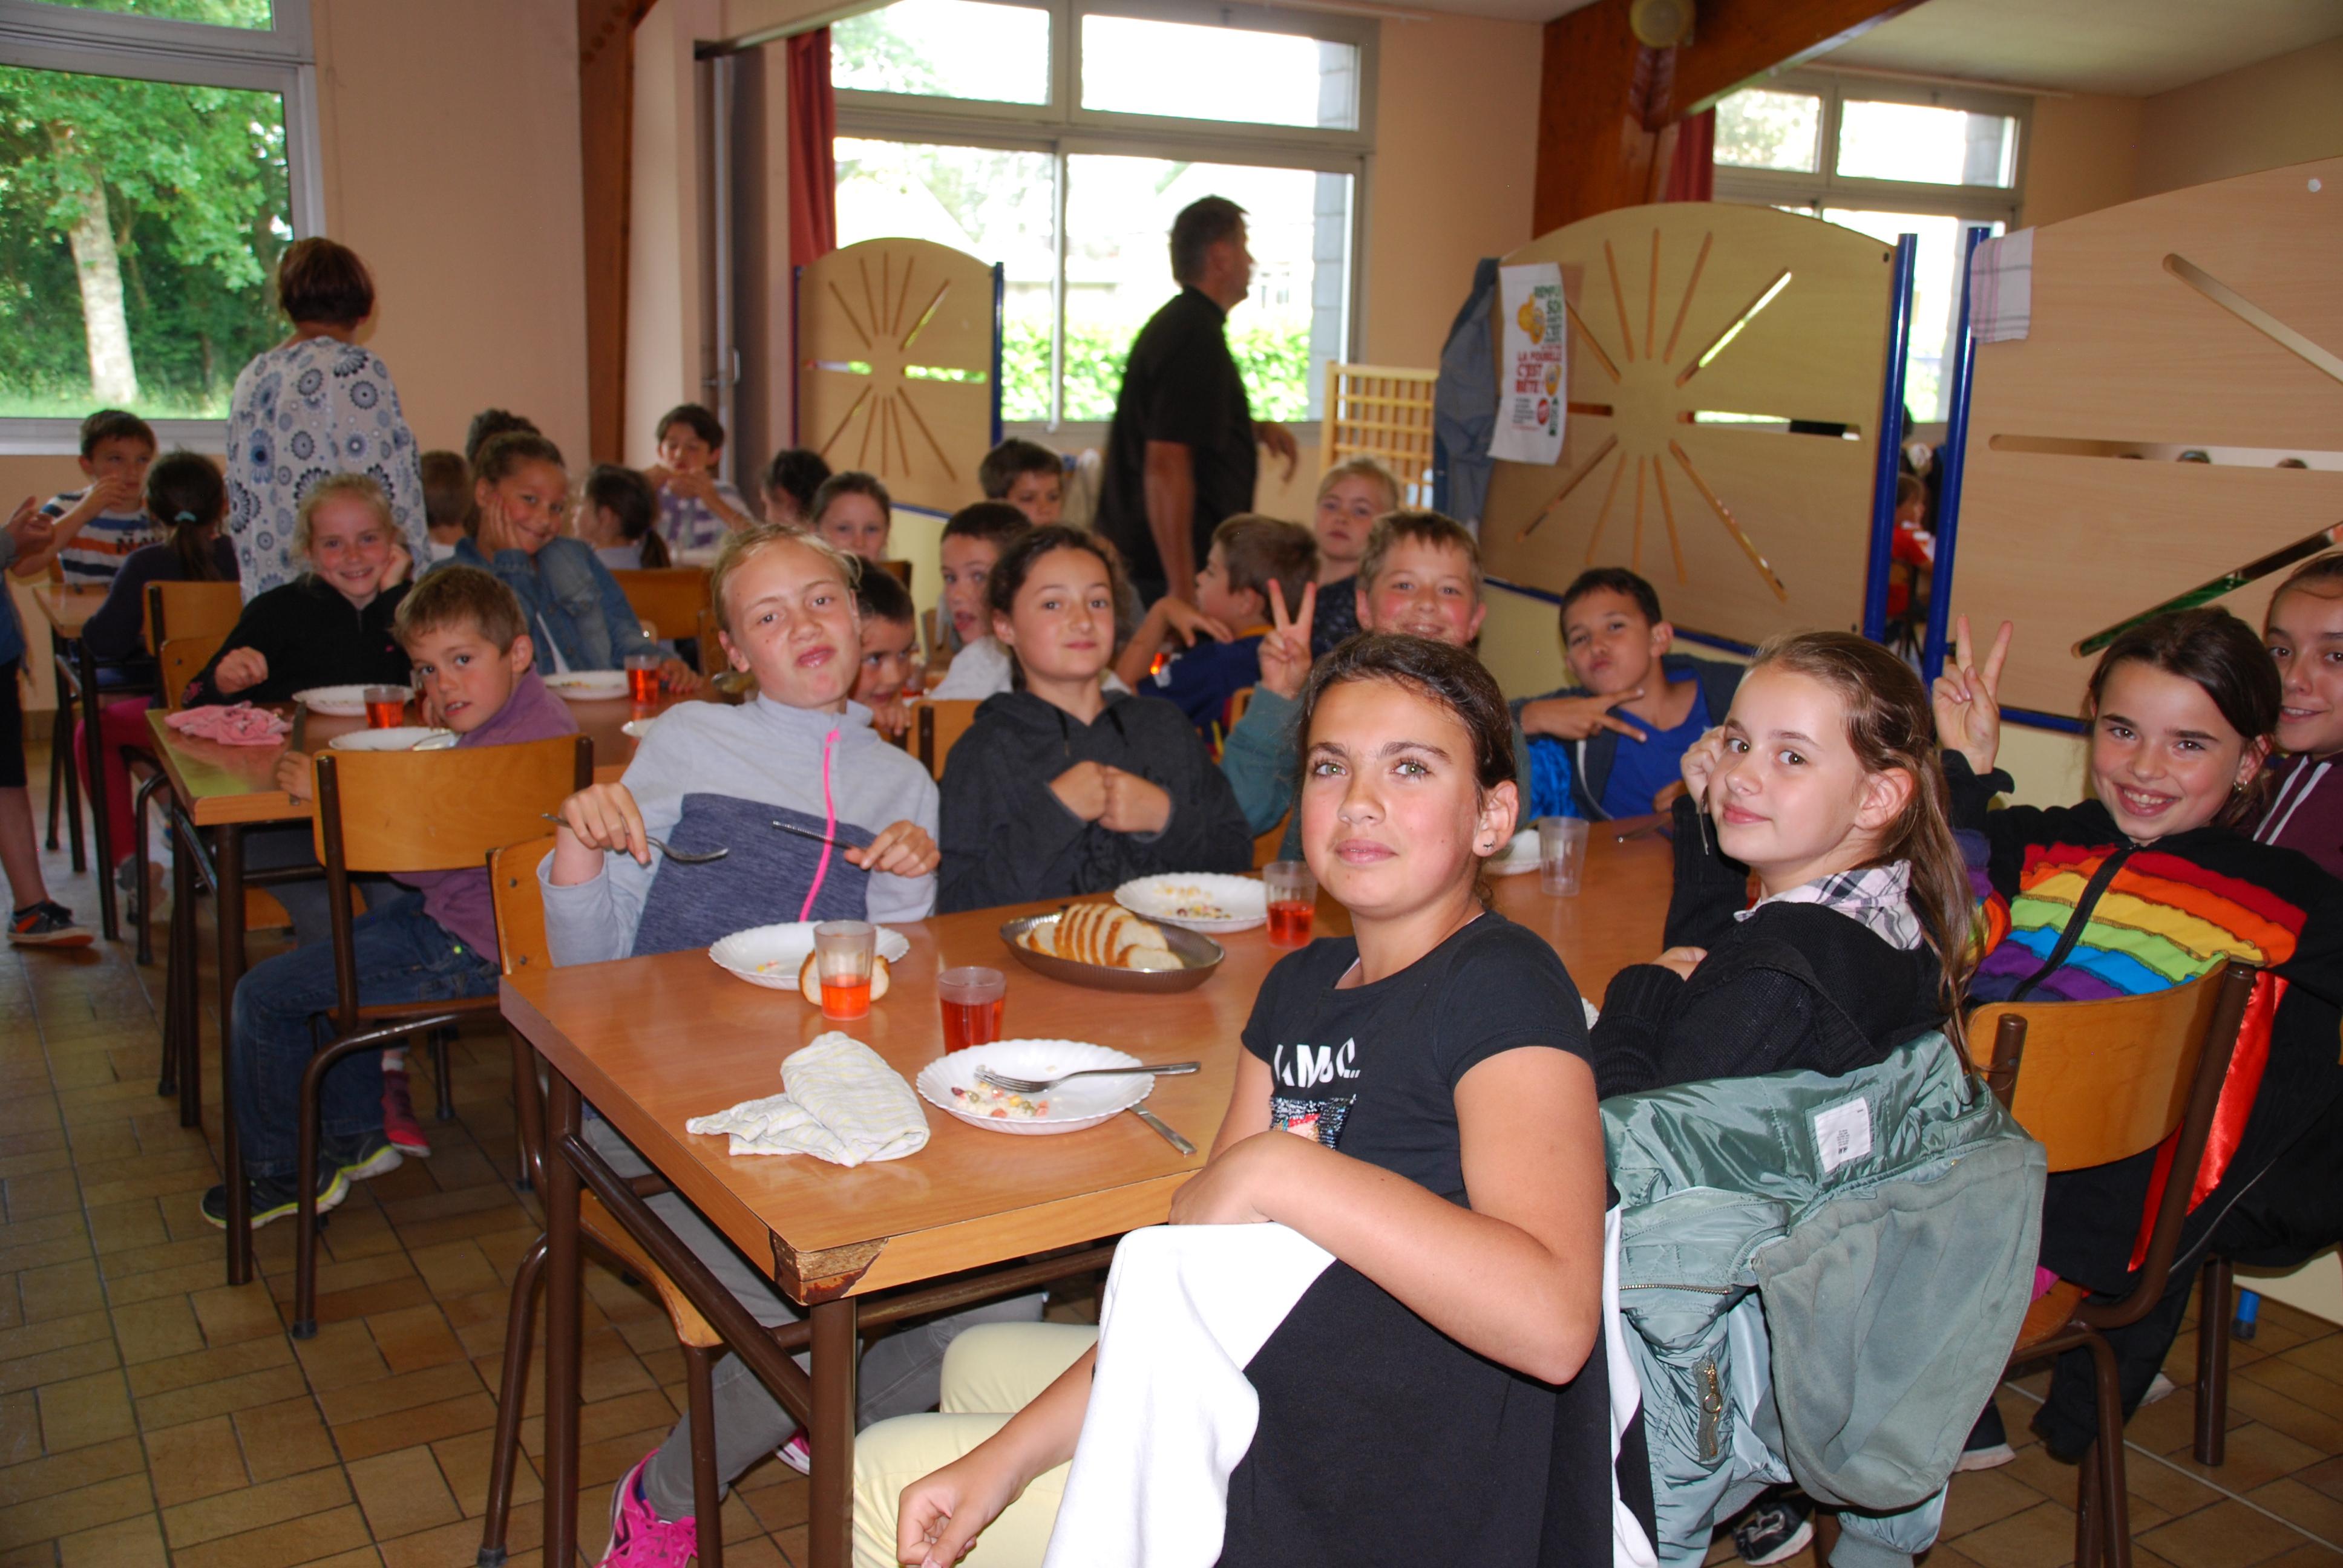 la-vraie-croix-restaurant-scolaire-2